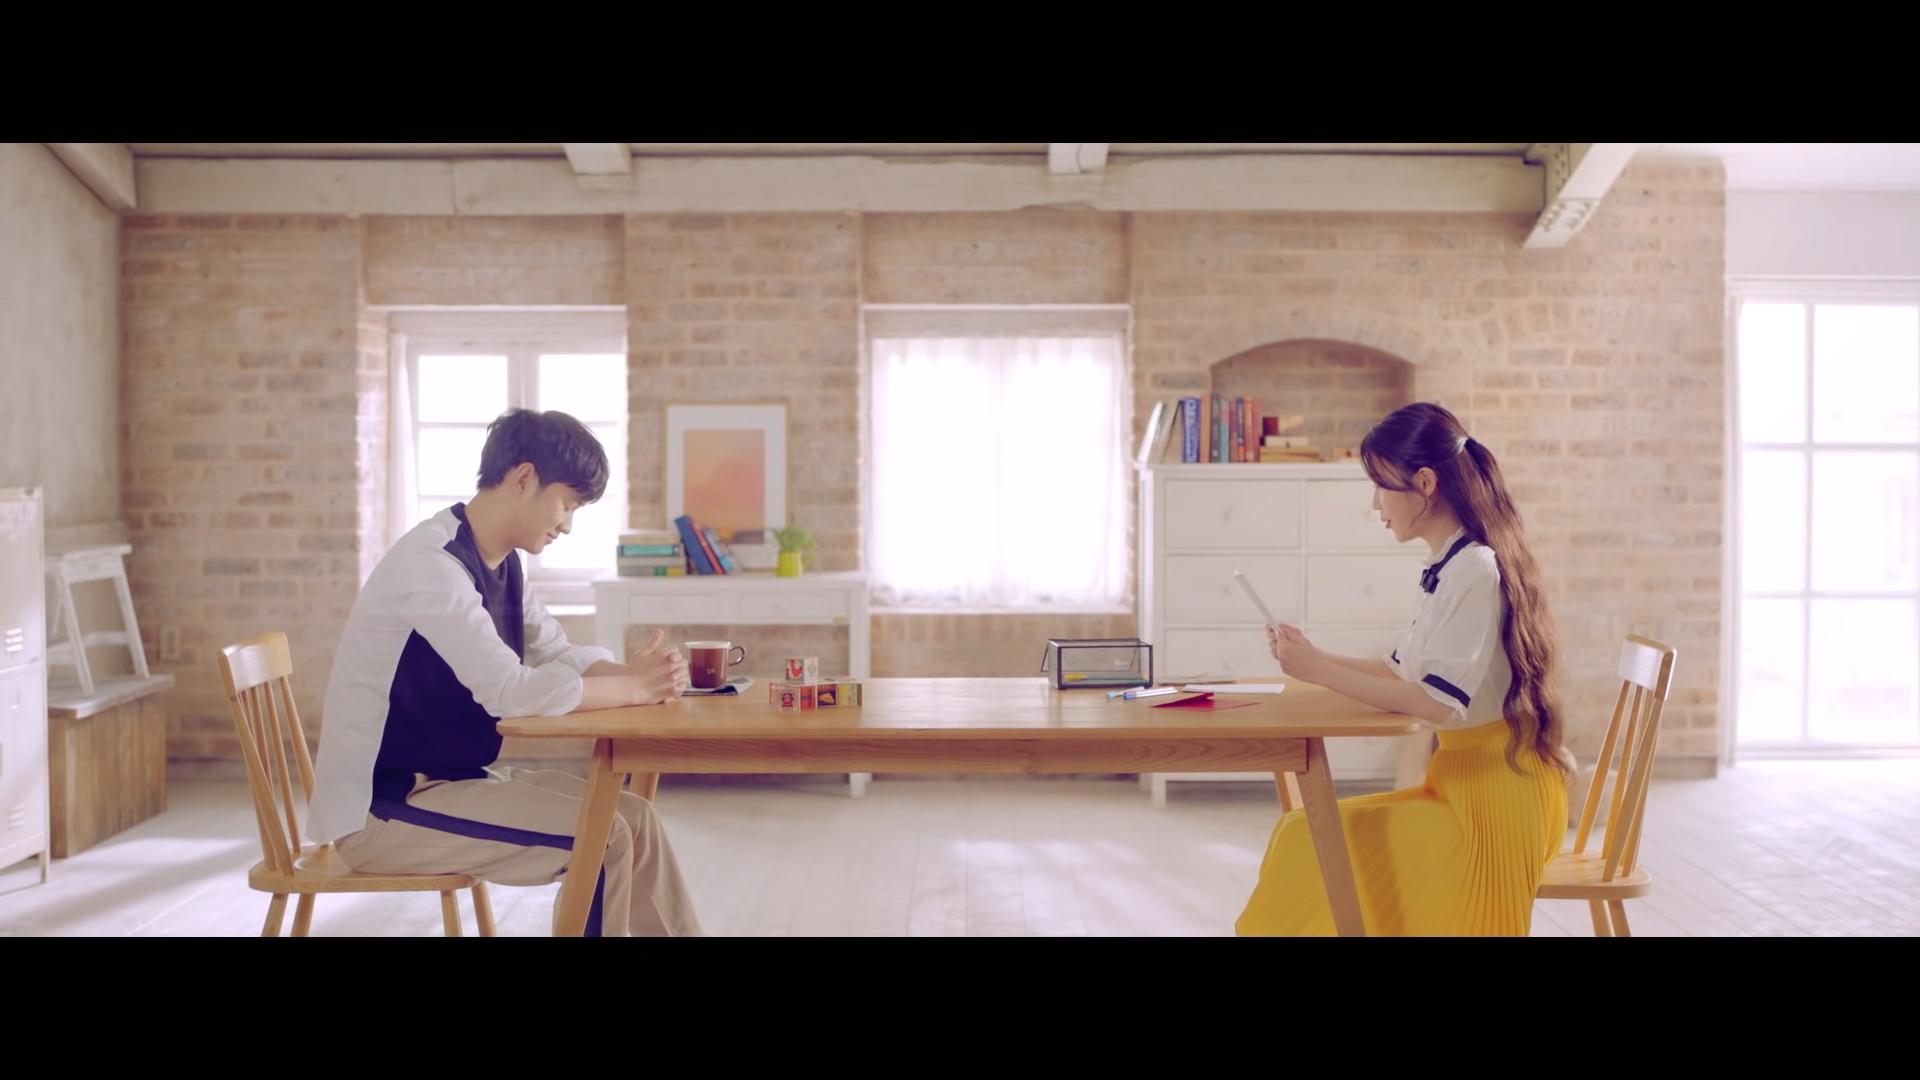 ca sĩ IU mặc áo sơ mi trắng, chân váy xếp ly vàng trong mv ending scene